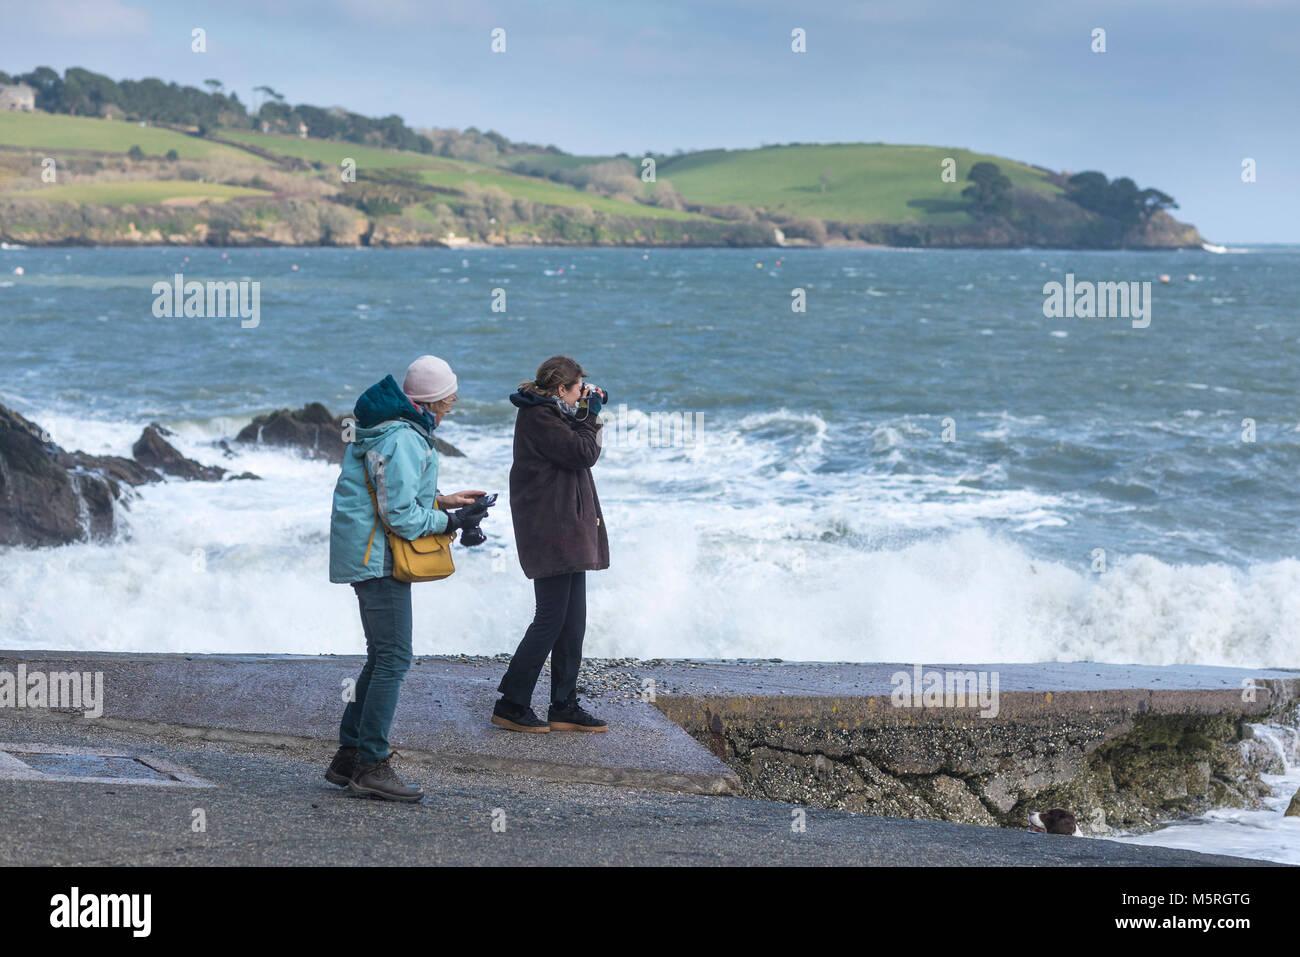 Les touristes de prendre des photos sur la plage de Trebah Jardin Jardins à Cornwall. Photo Stock